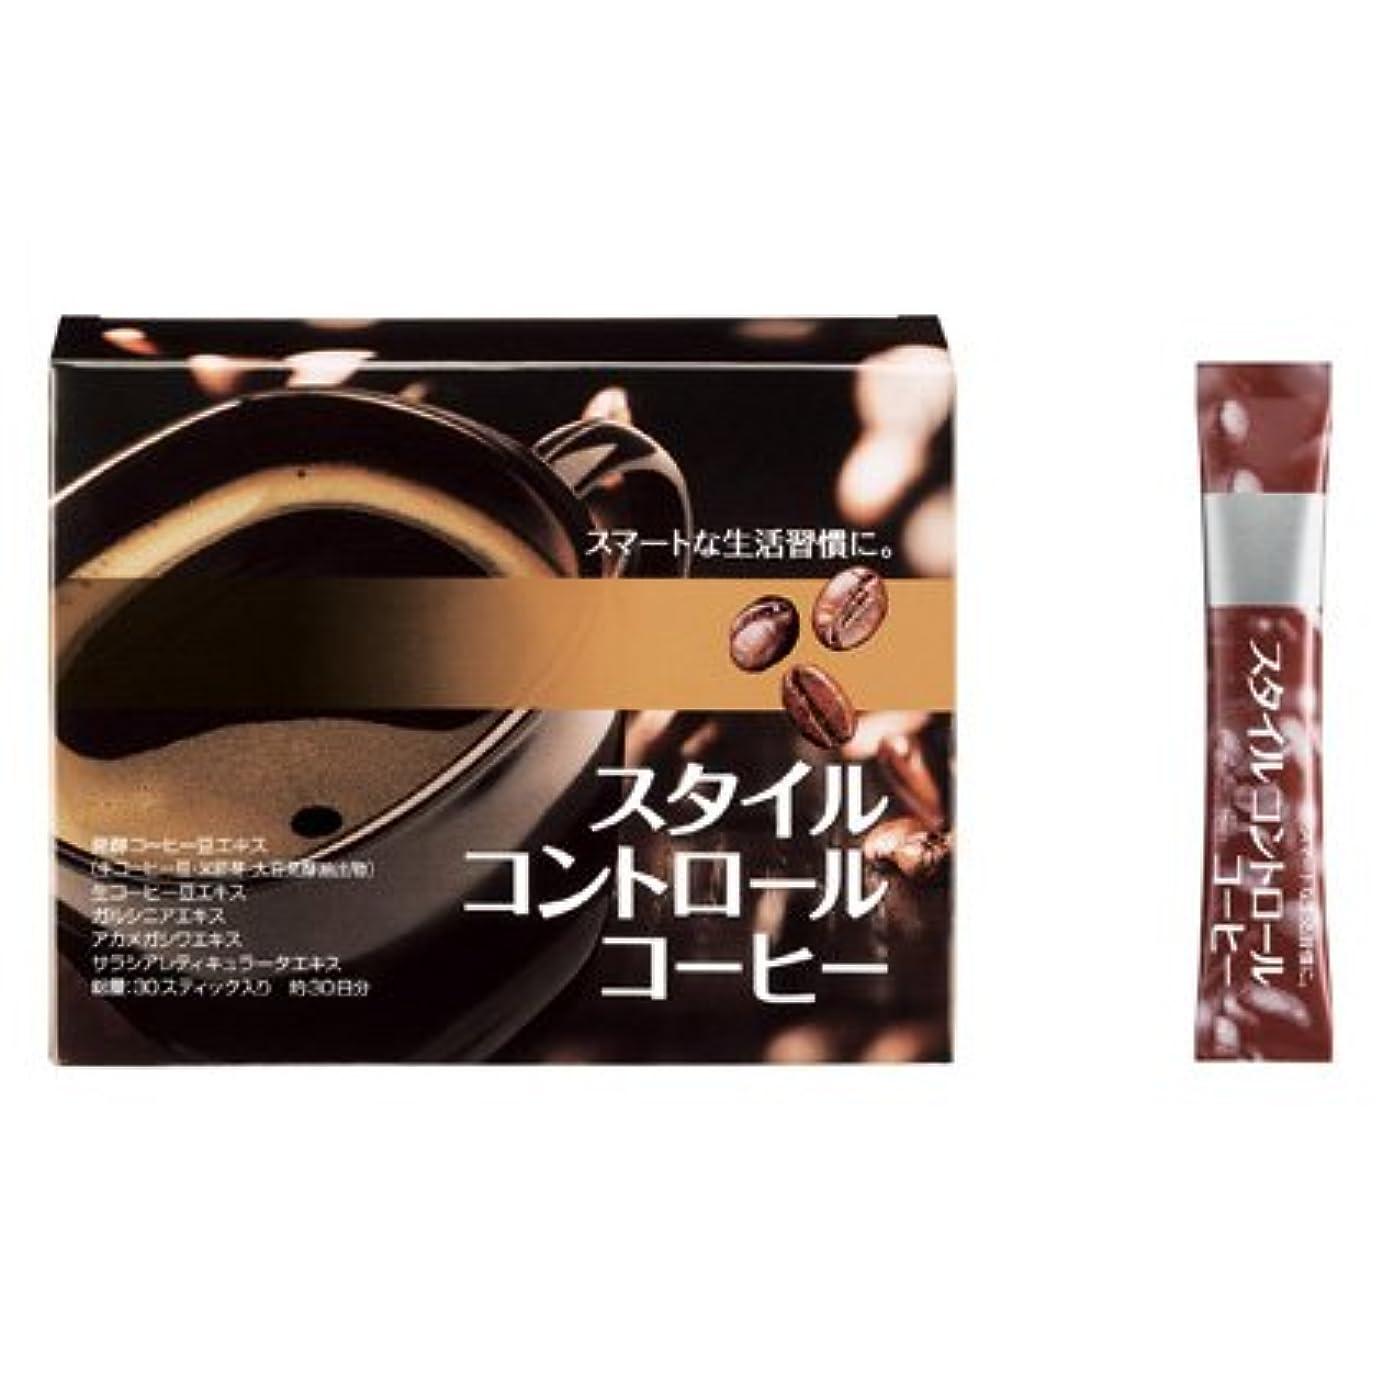 船形メンター局エイボン ライフ ダイエットコーヒー (2.9g×30スティック)